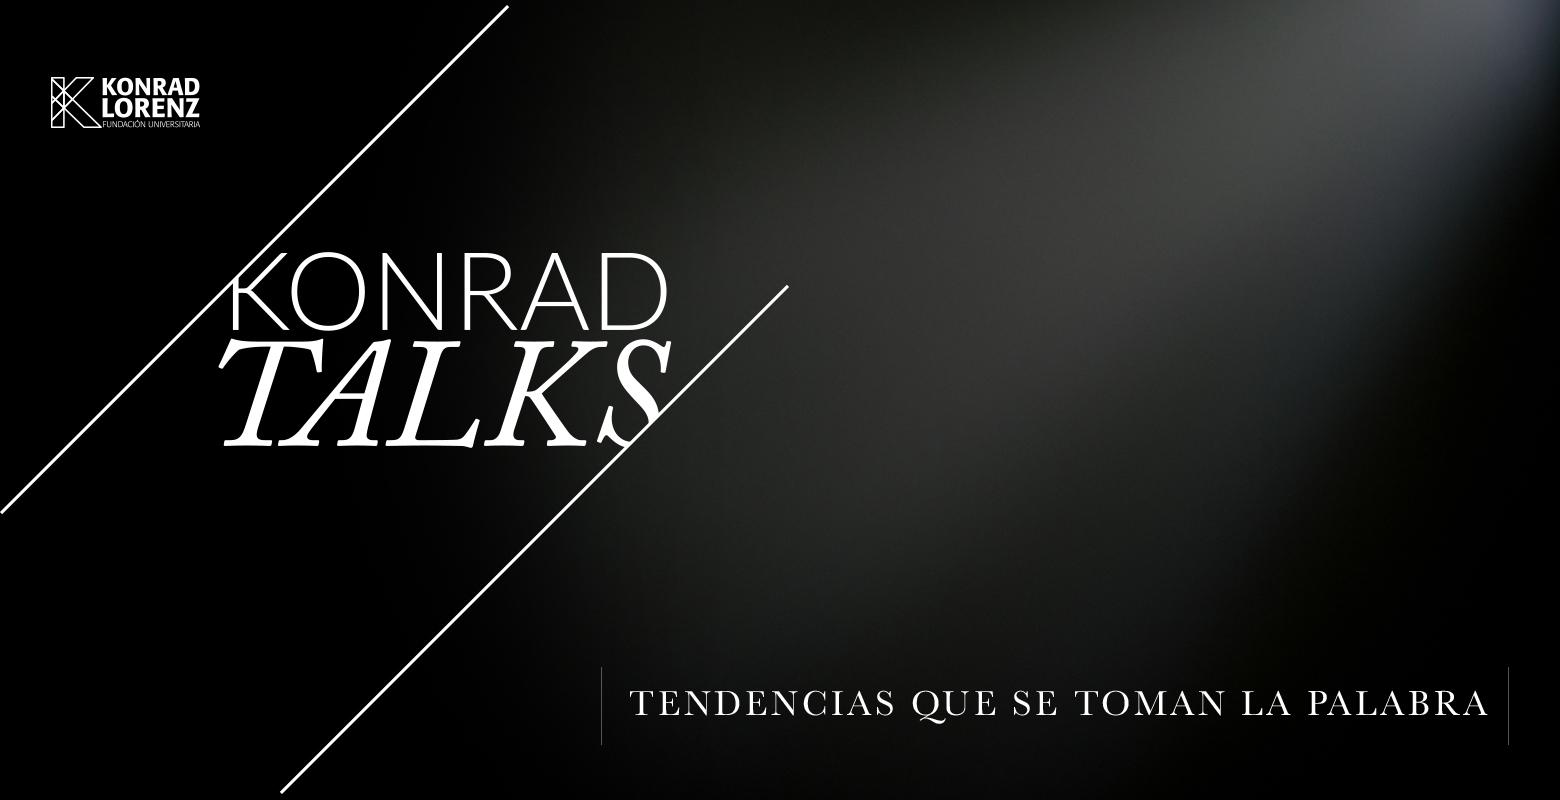 Konrad Talks, tendencias que se toman la palabra